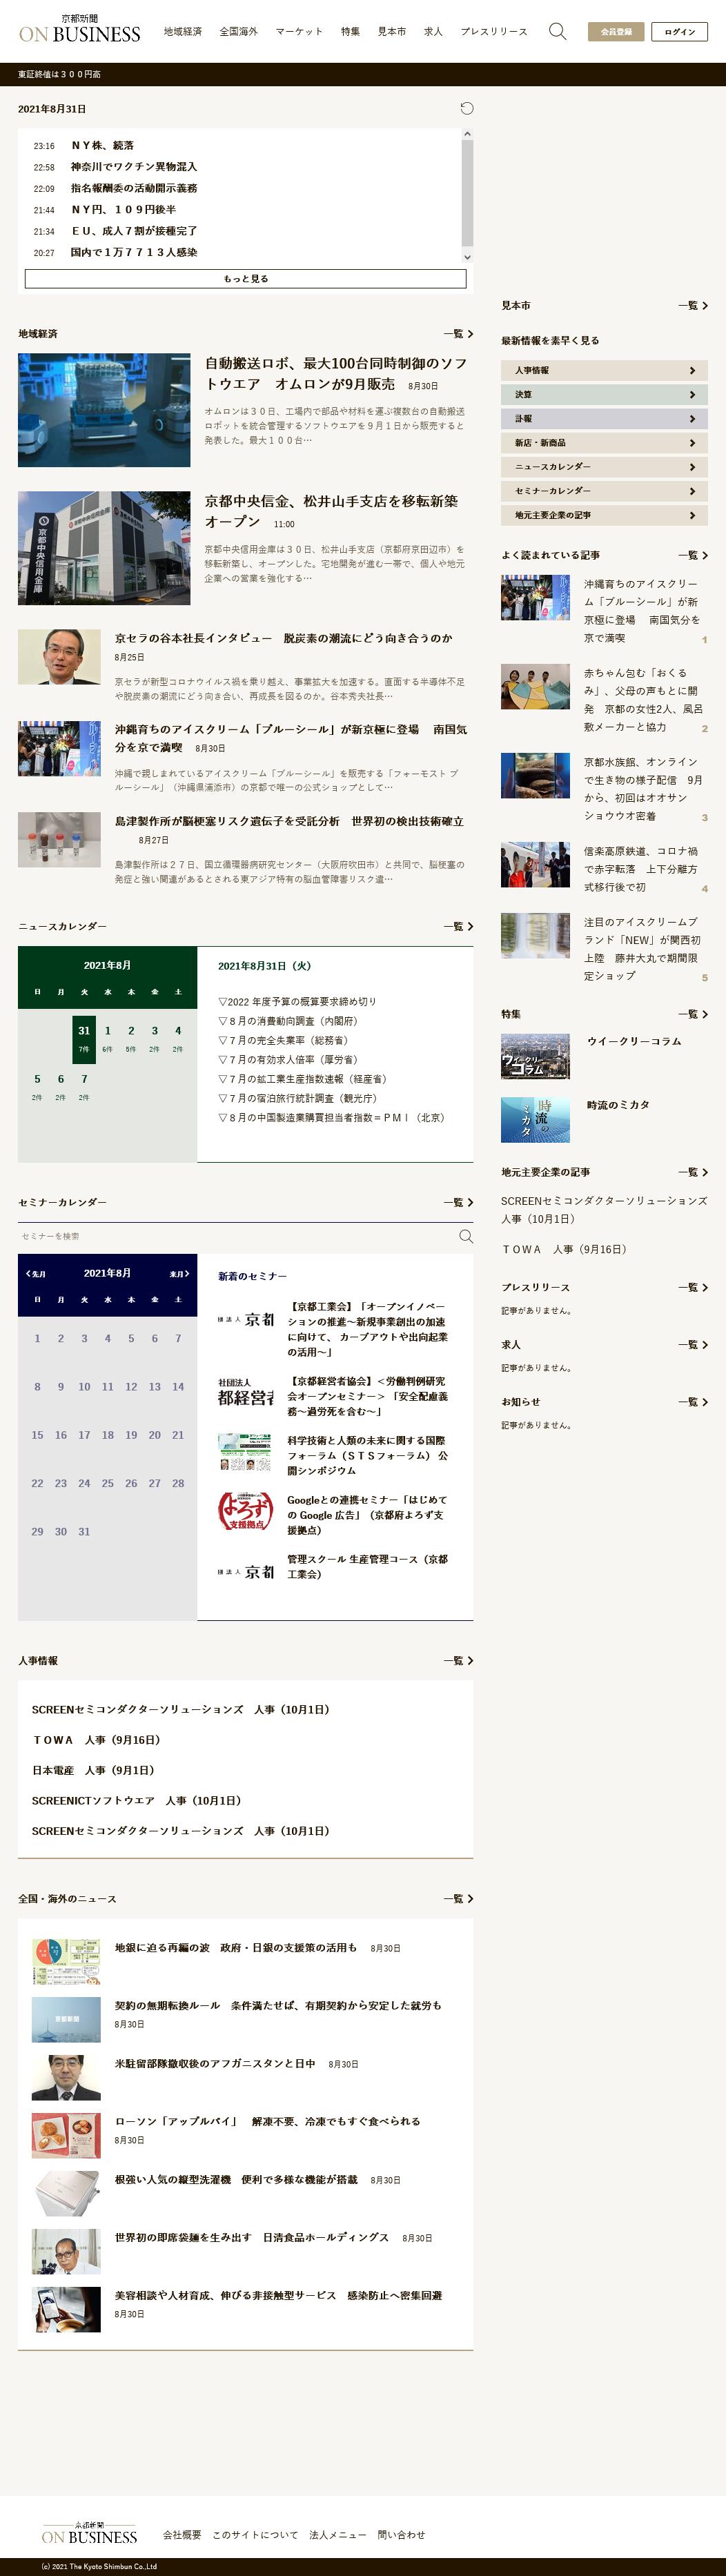 京都新聞 ON BUSINESS サイトイメージ